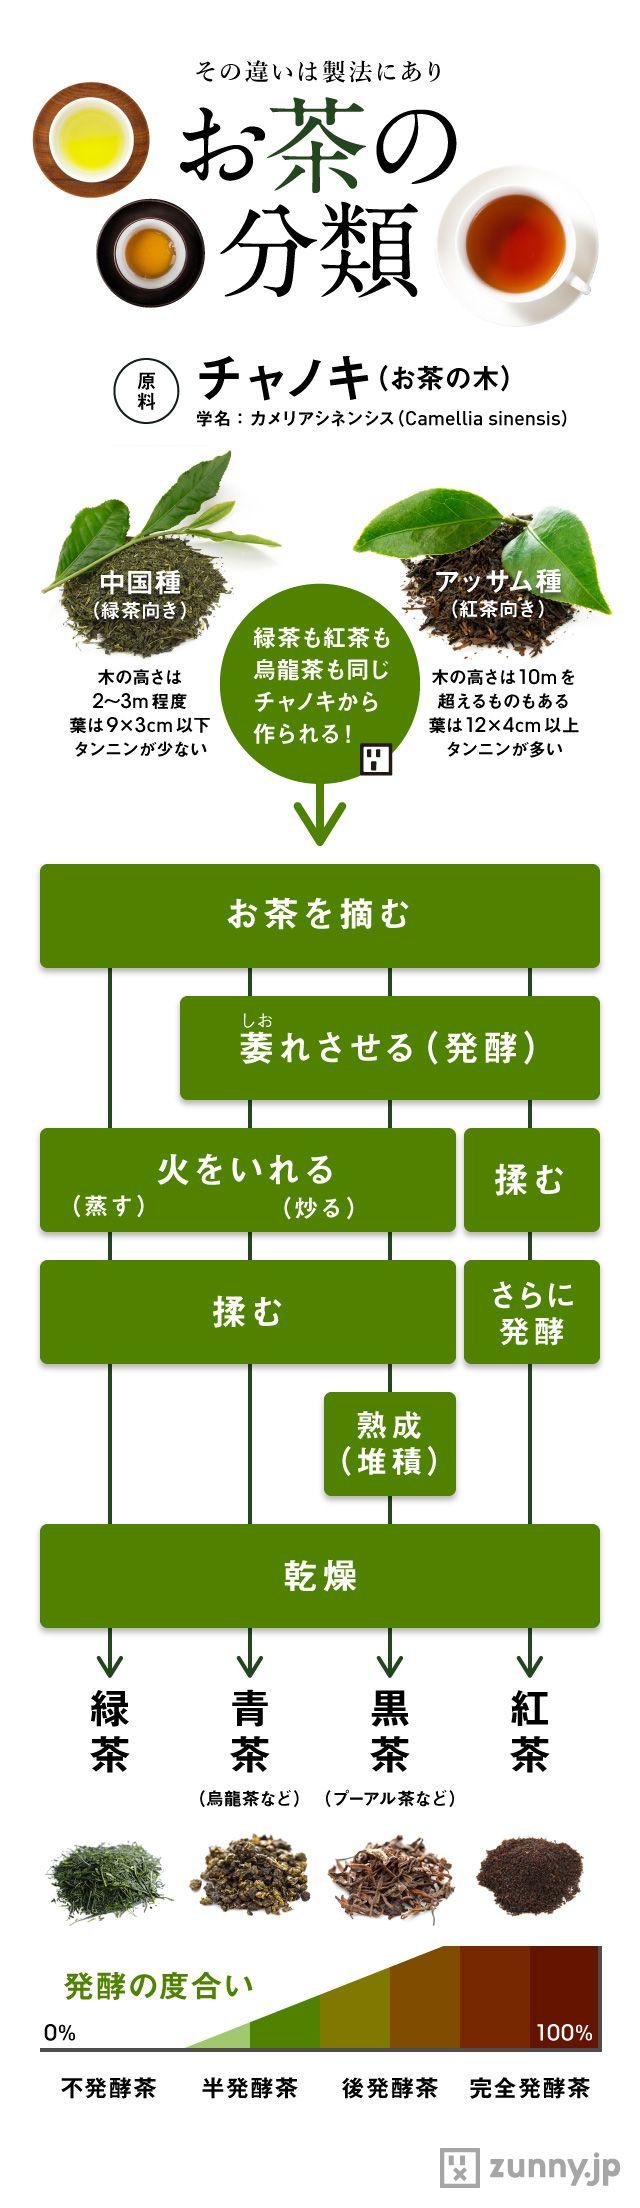 製造法もひと目でわかる「お茶の分類」早見表 | ZUNNY インフォグラフィック・ニュース